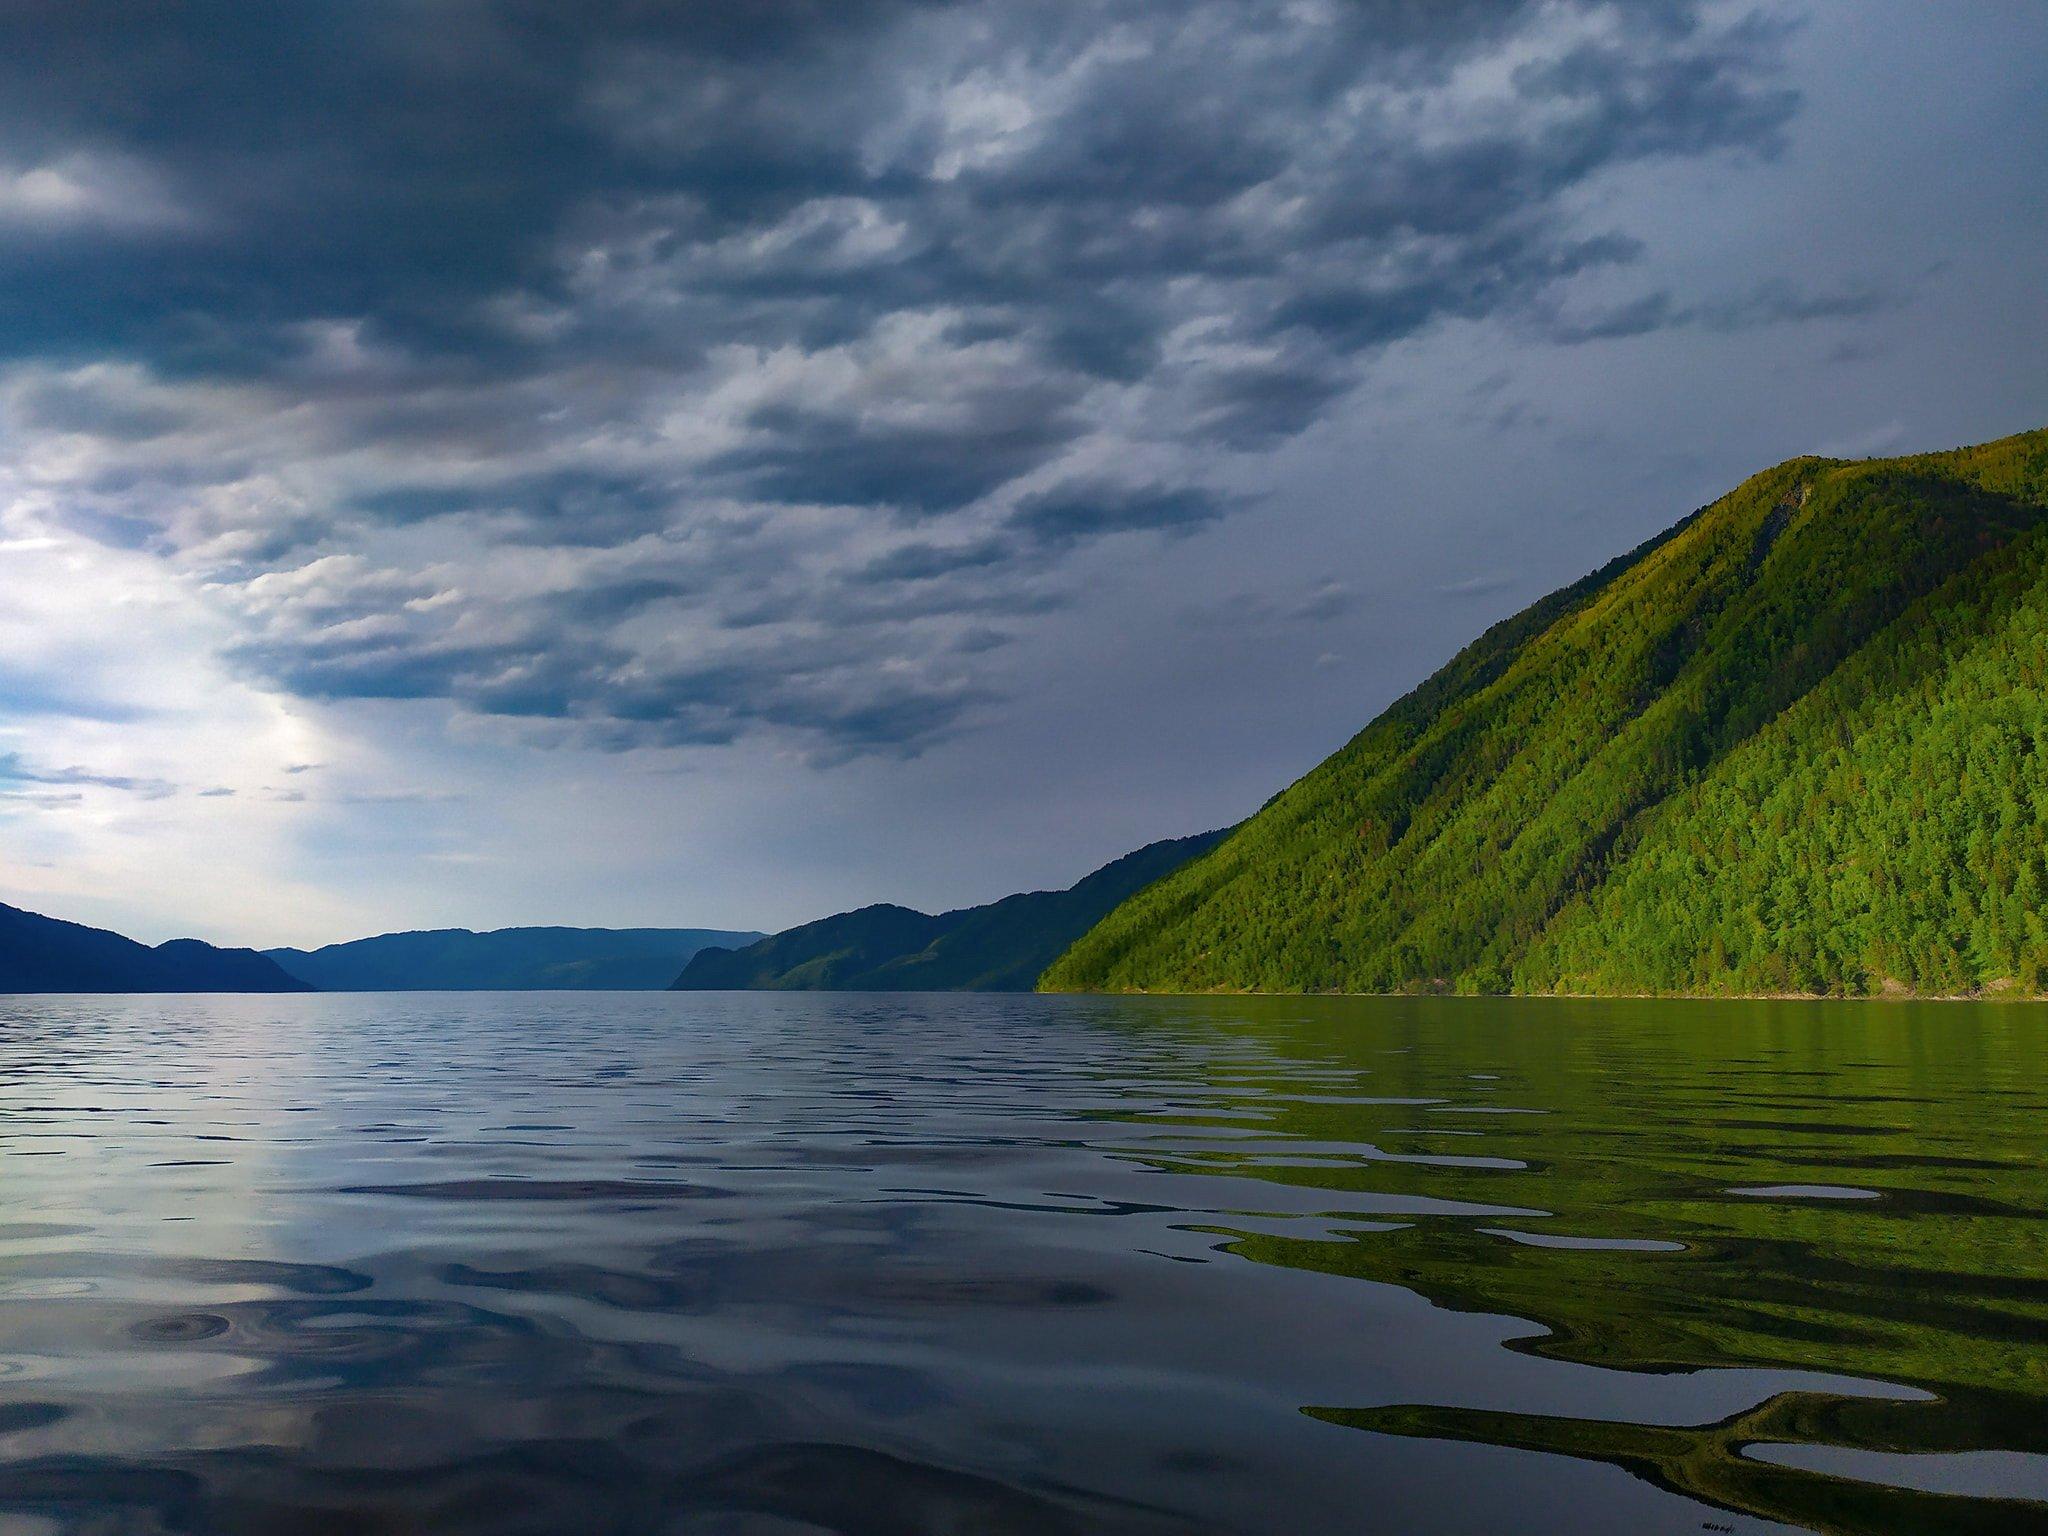 Усадьба жемчужина алтай озеро ая показать фото женщина большой